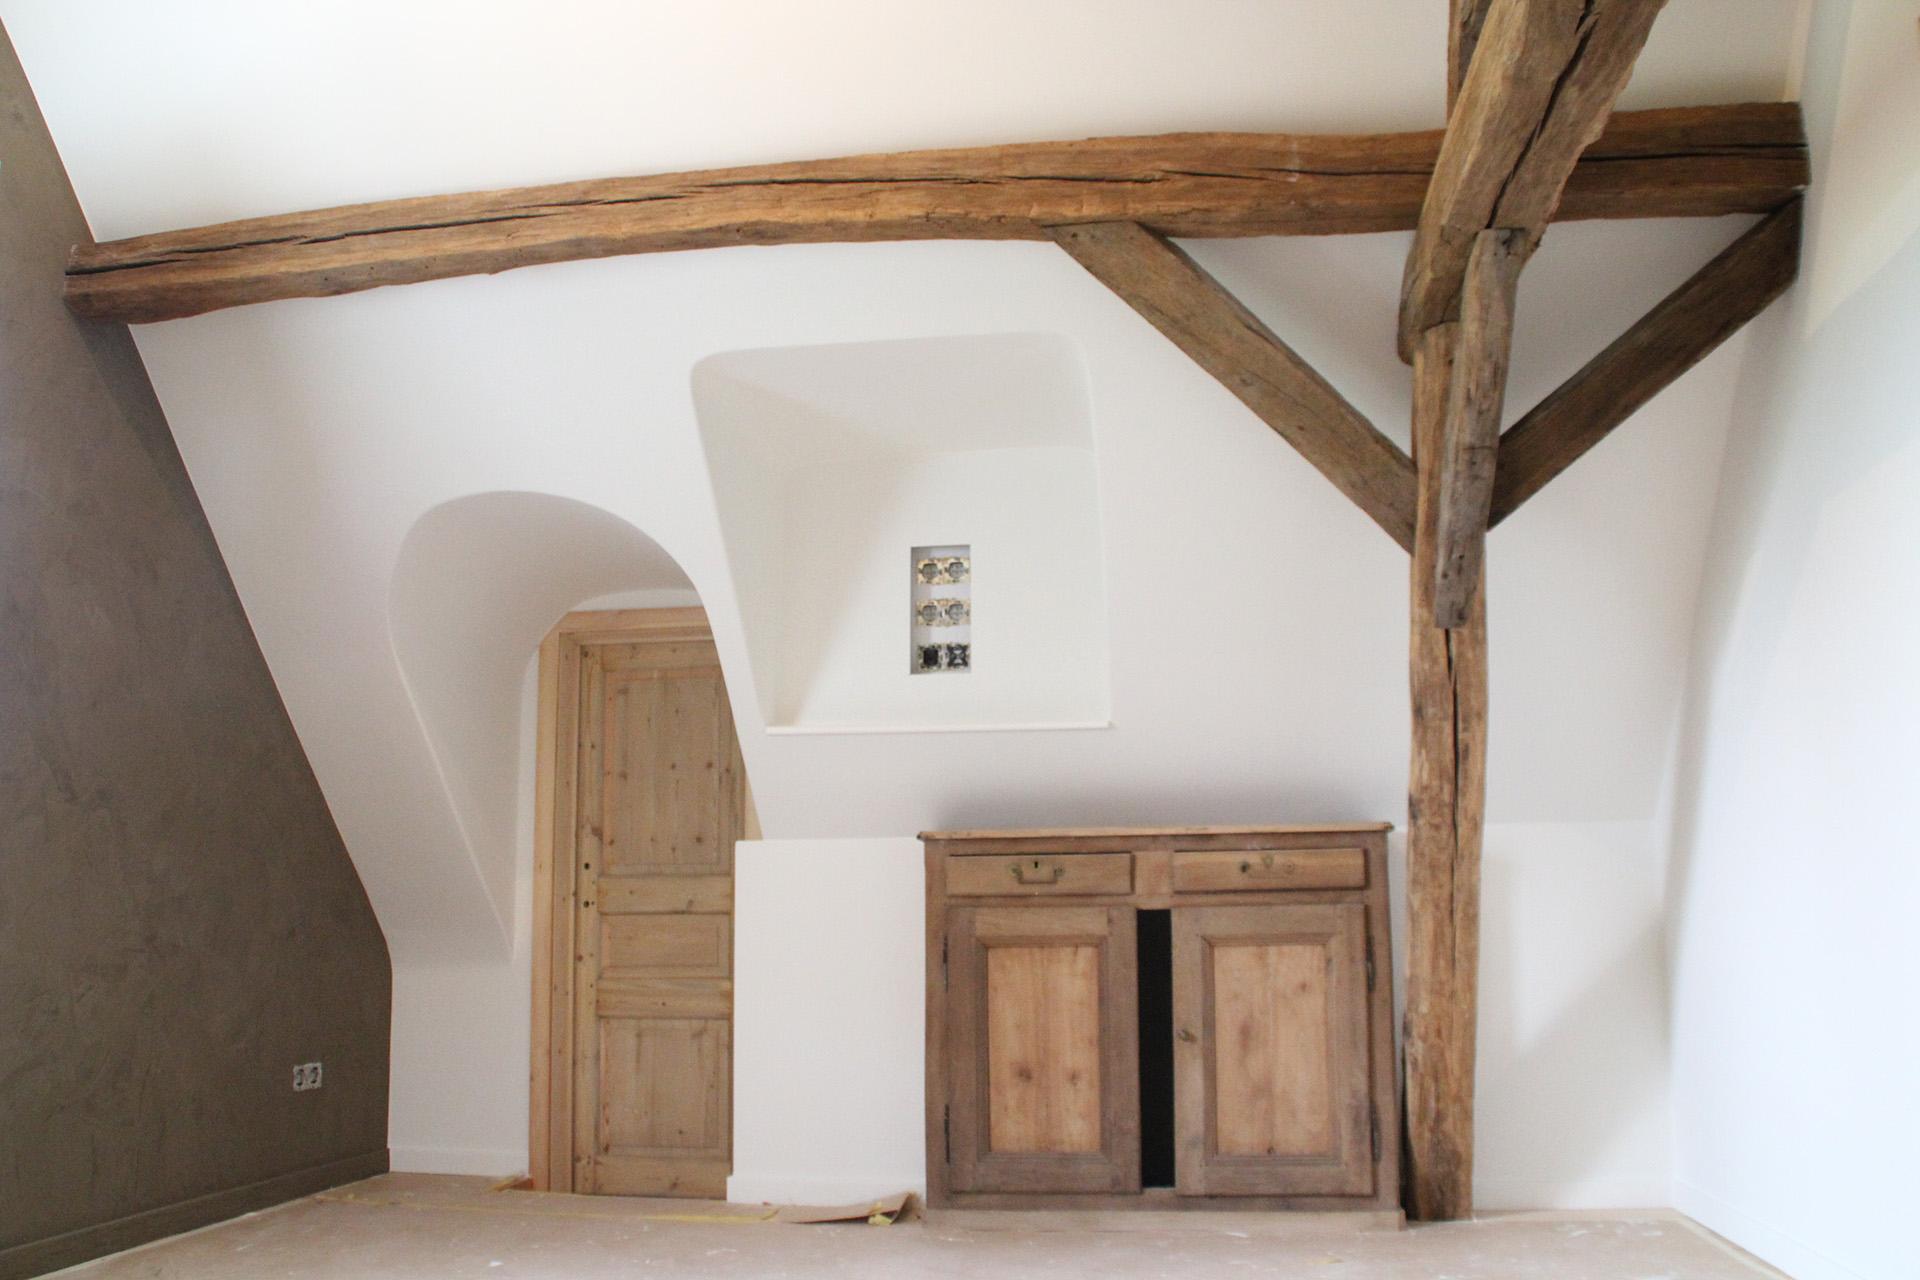 interieur wit rustieke balken